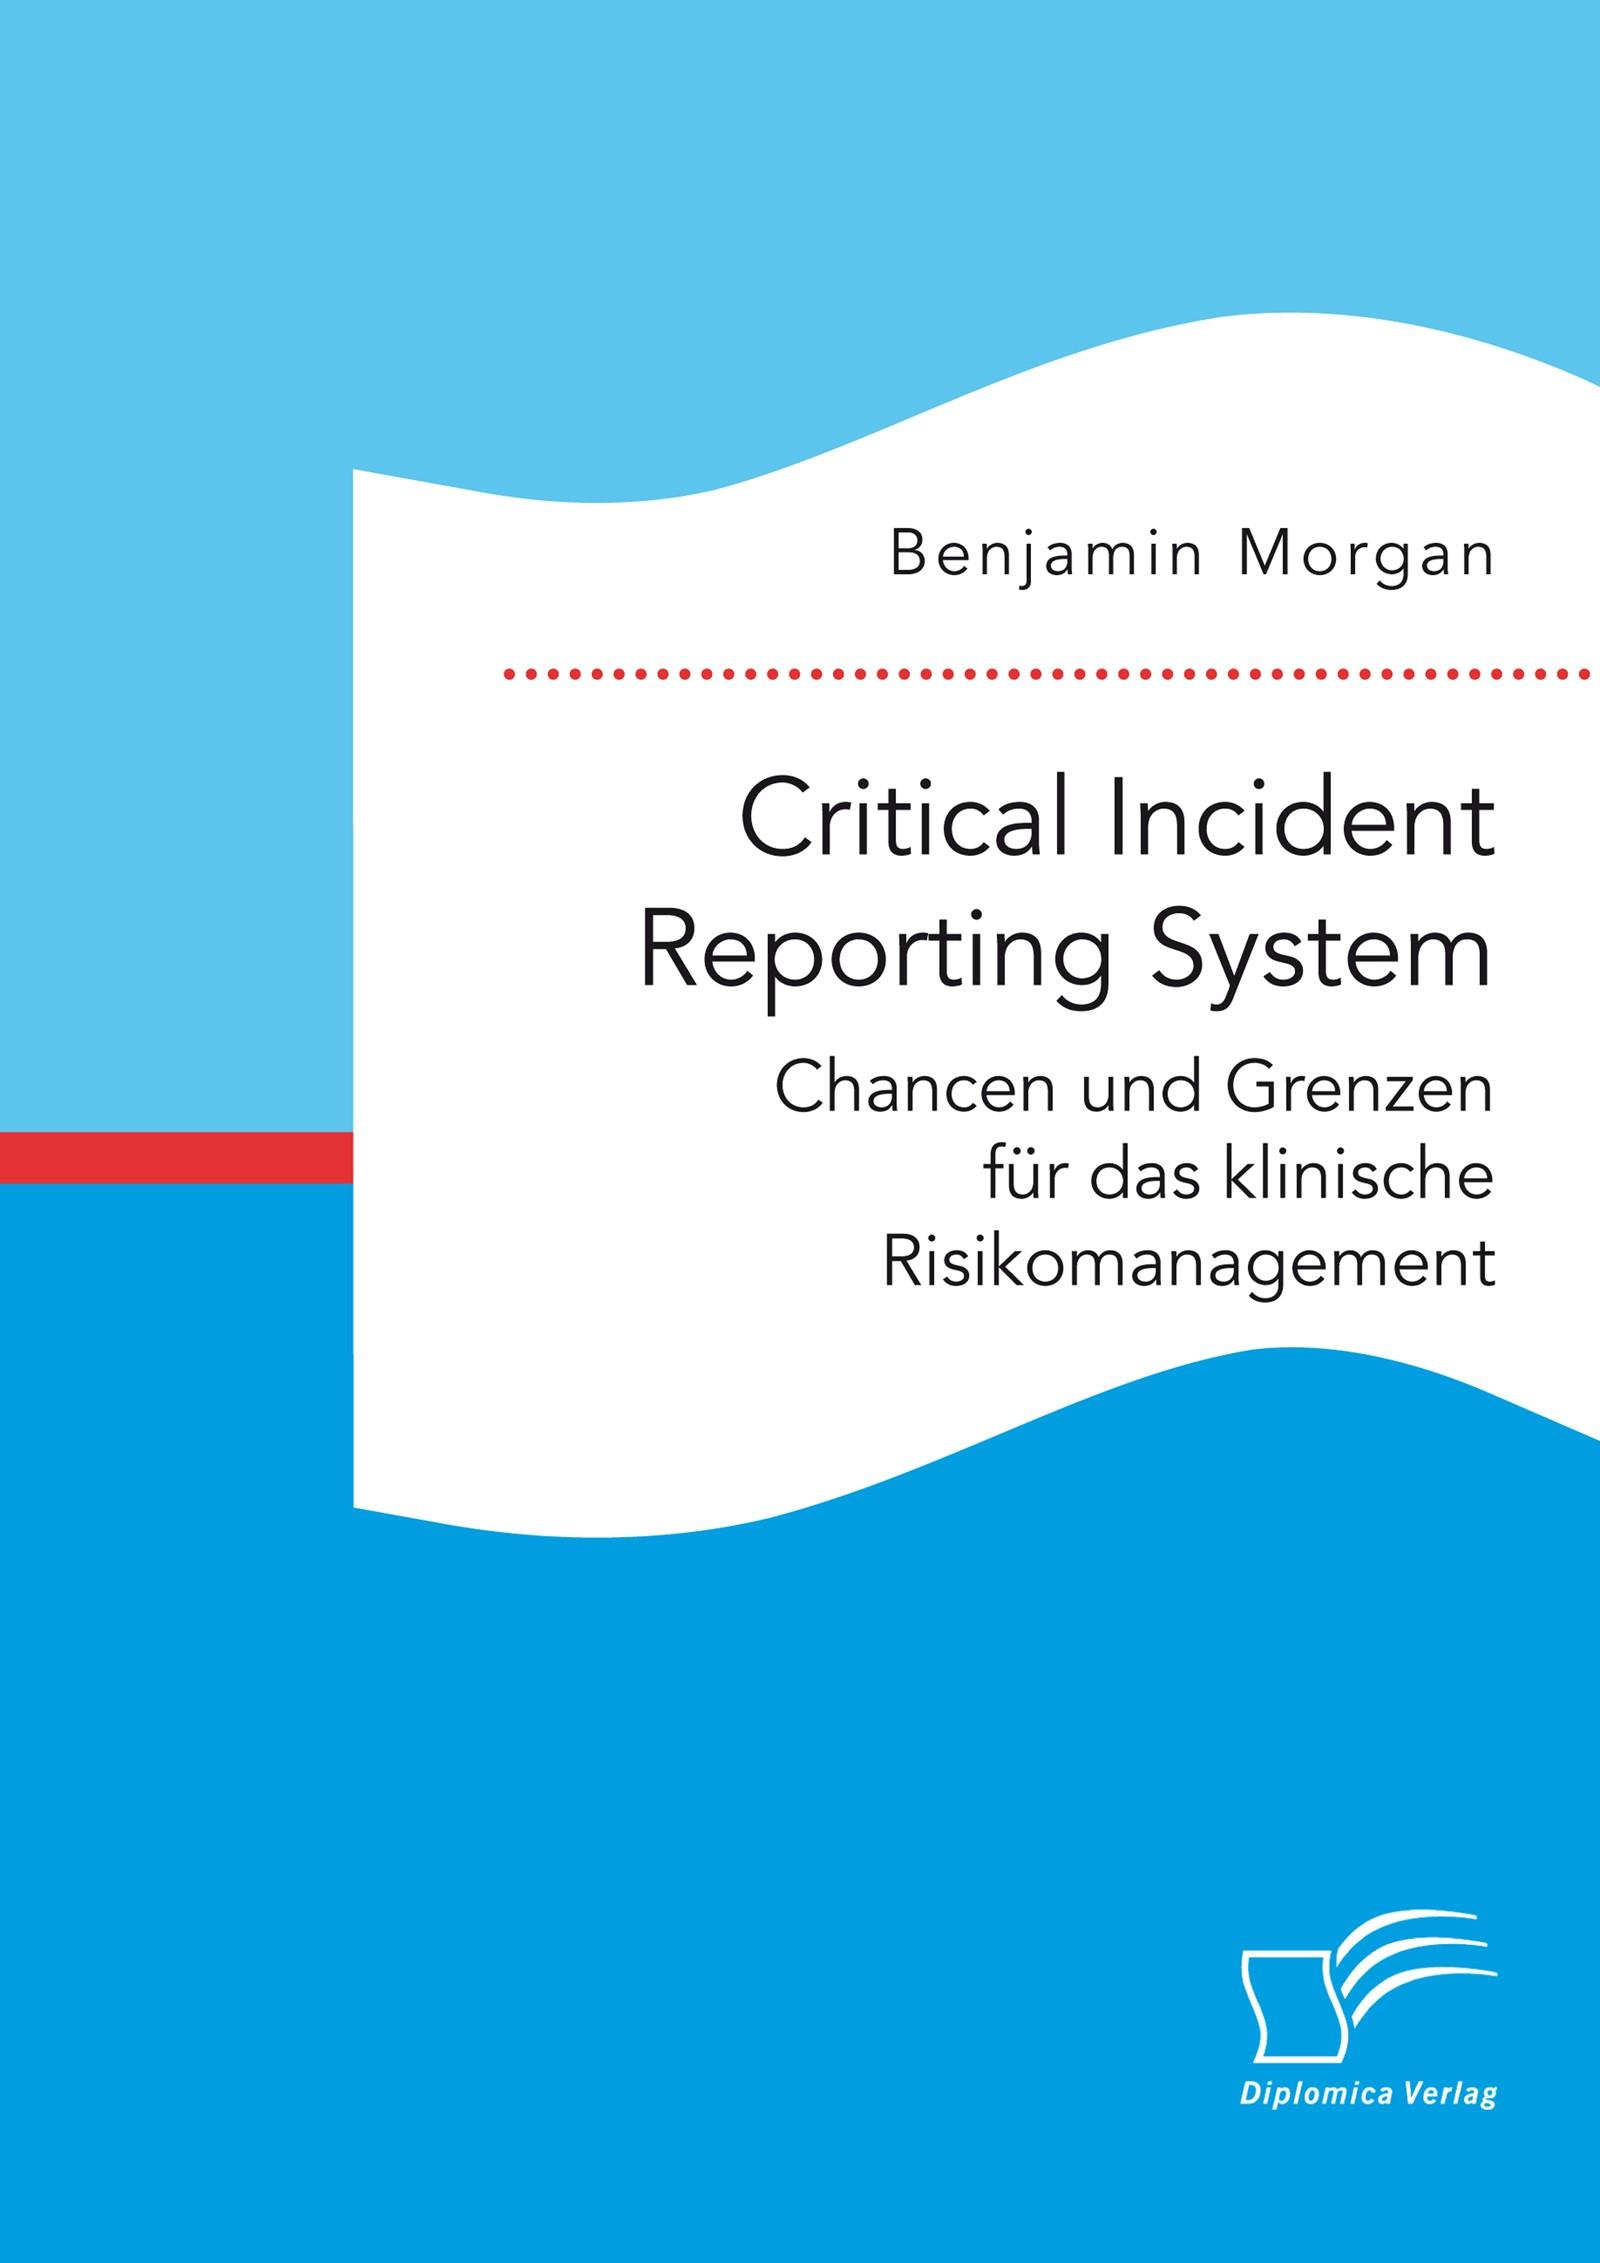 Critical Incident Reporting System. Chancen und Grenzen für das klinische Risikomanagement | Morgan | Erstauflage, 2016 | Buch (Cover)